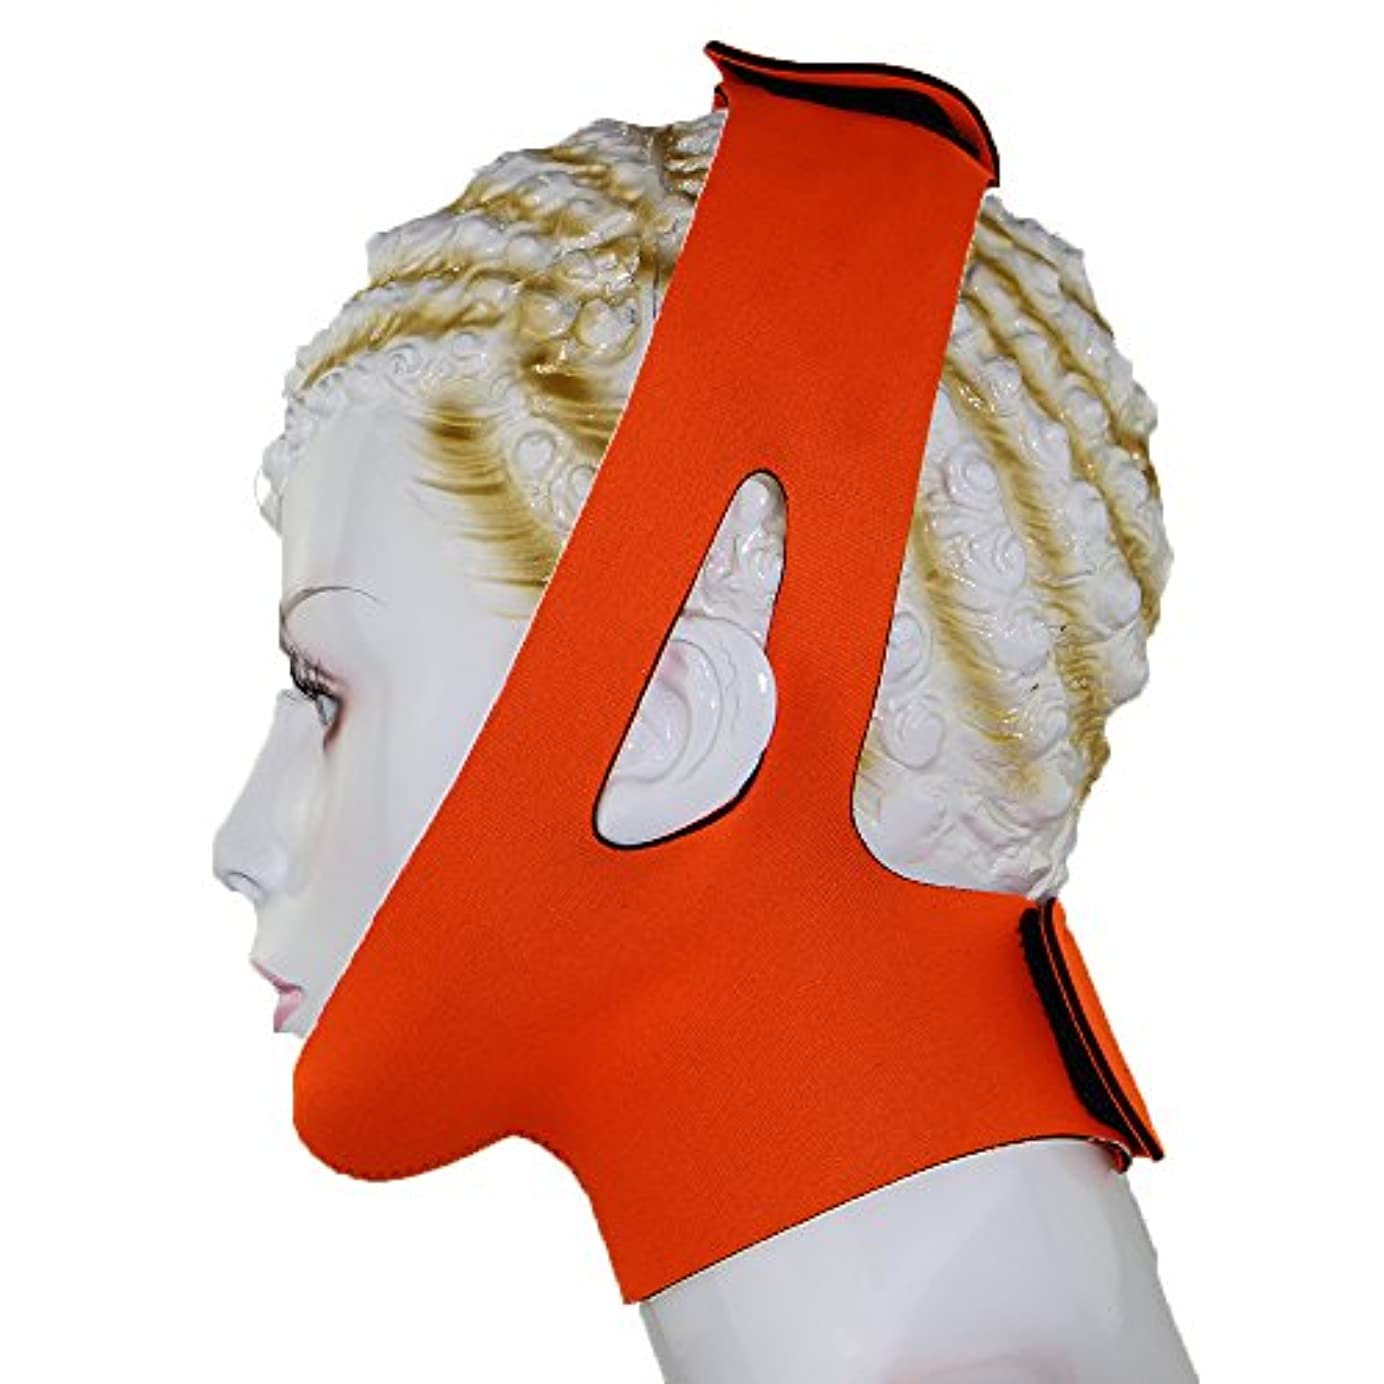 法律によりステレオタイプ甘やかす小顔 美容 顎サポーター ほうれい線 豊齢線 解消 マッサージグッズ フェイスマスク 二重あご 加圧 ベルト レディース (オレンジ)